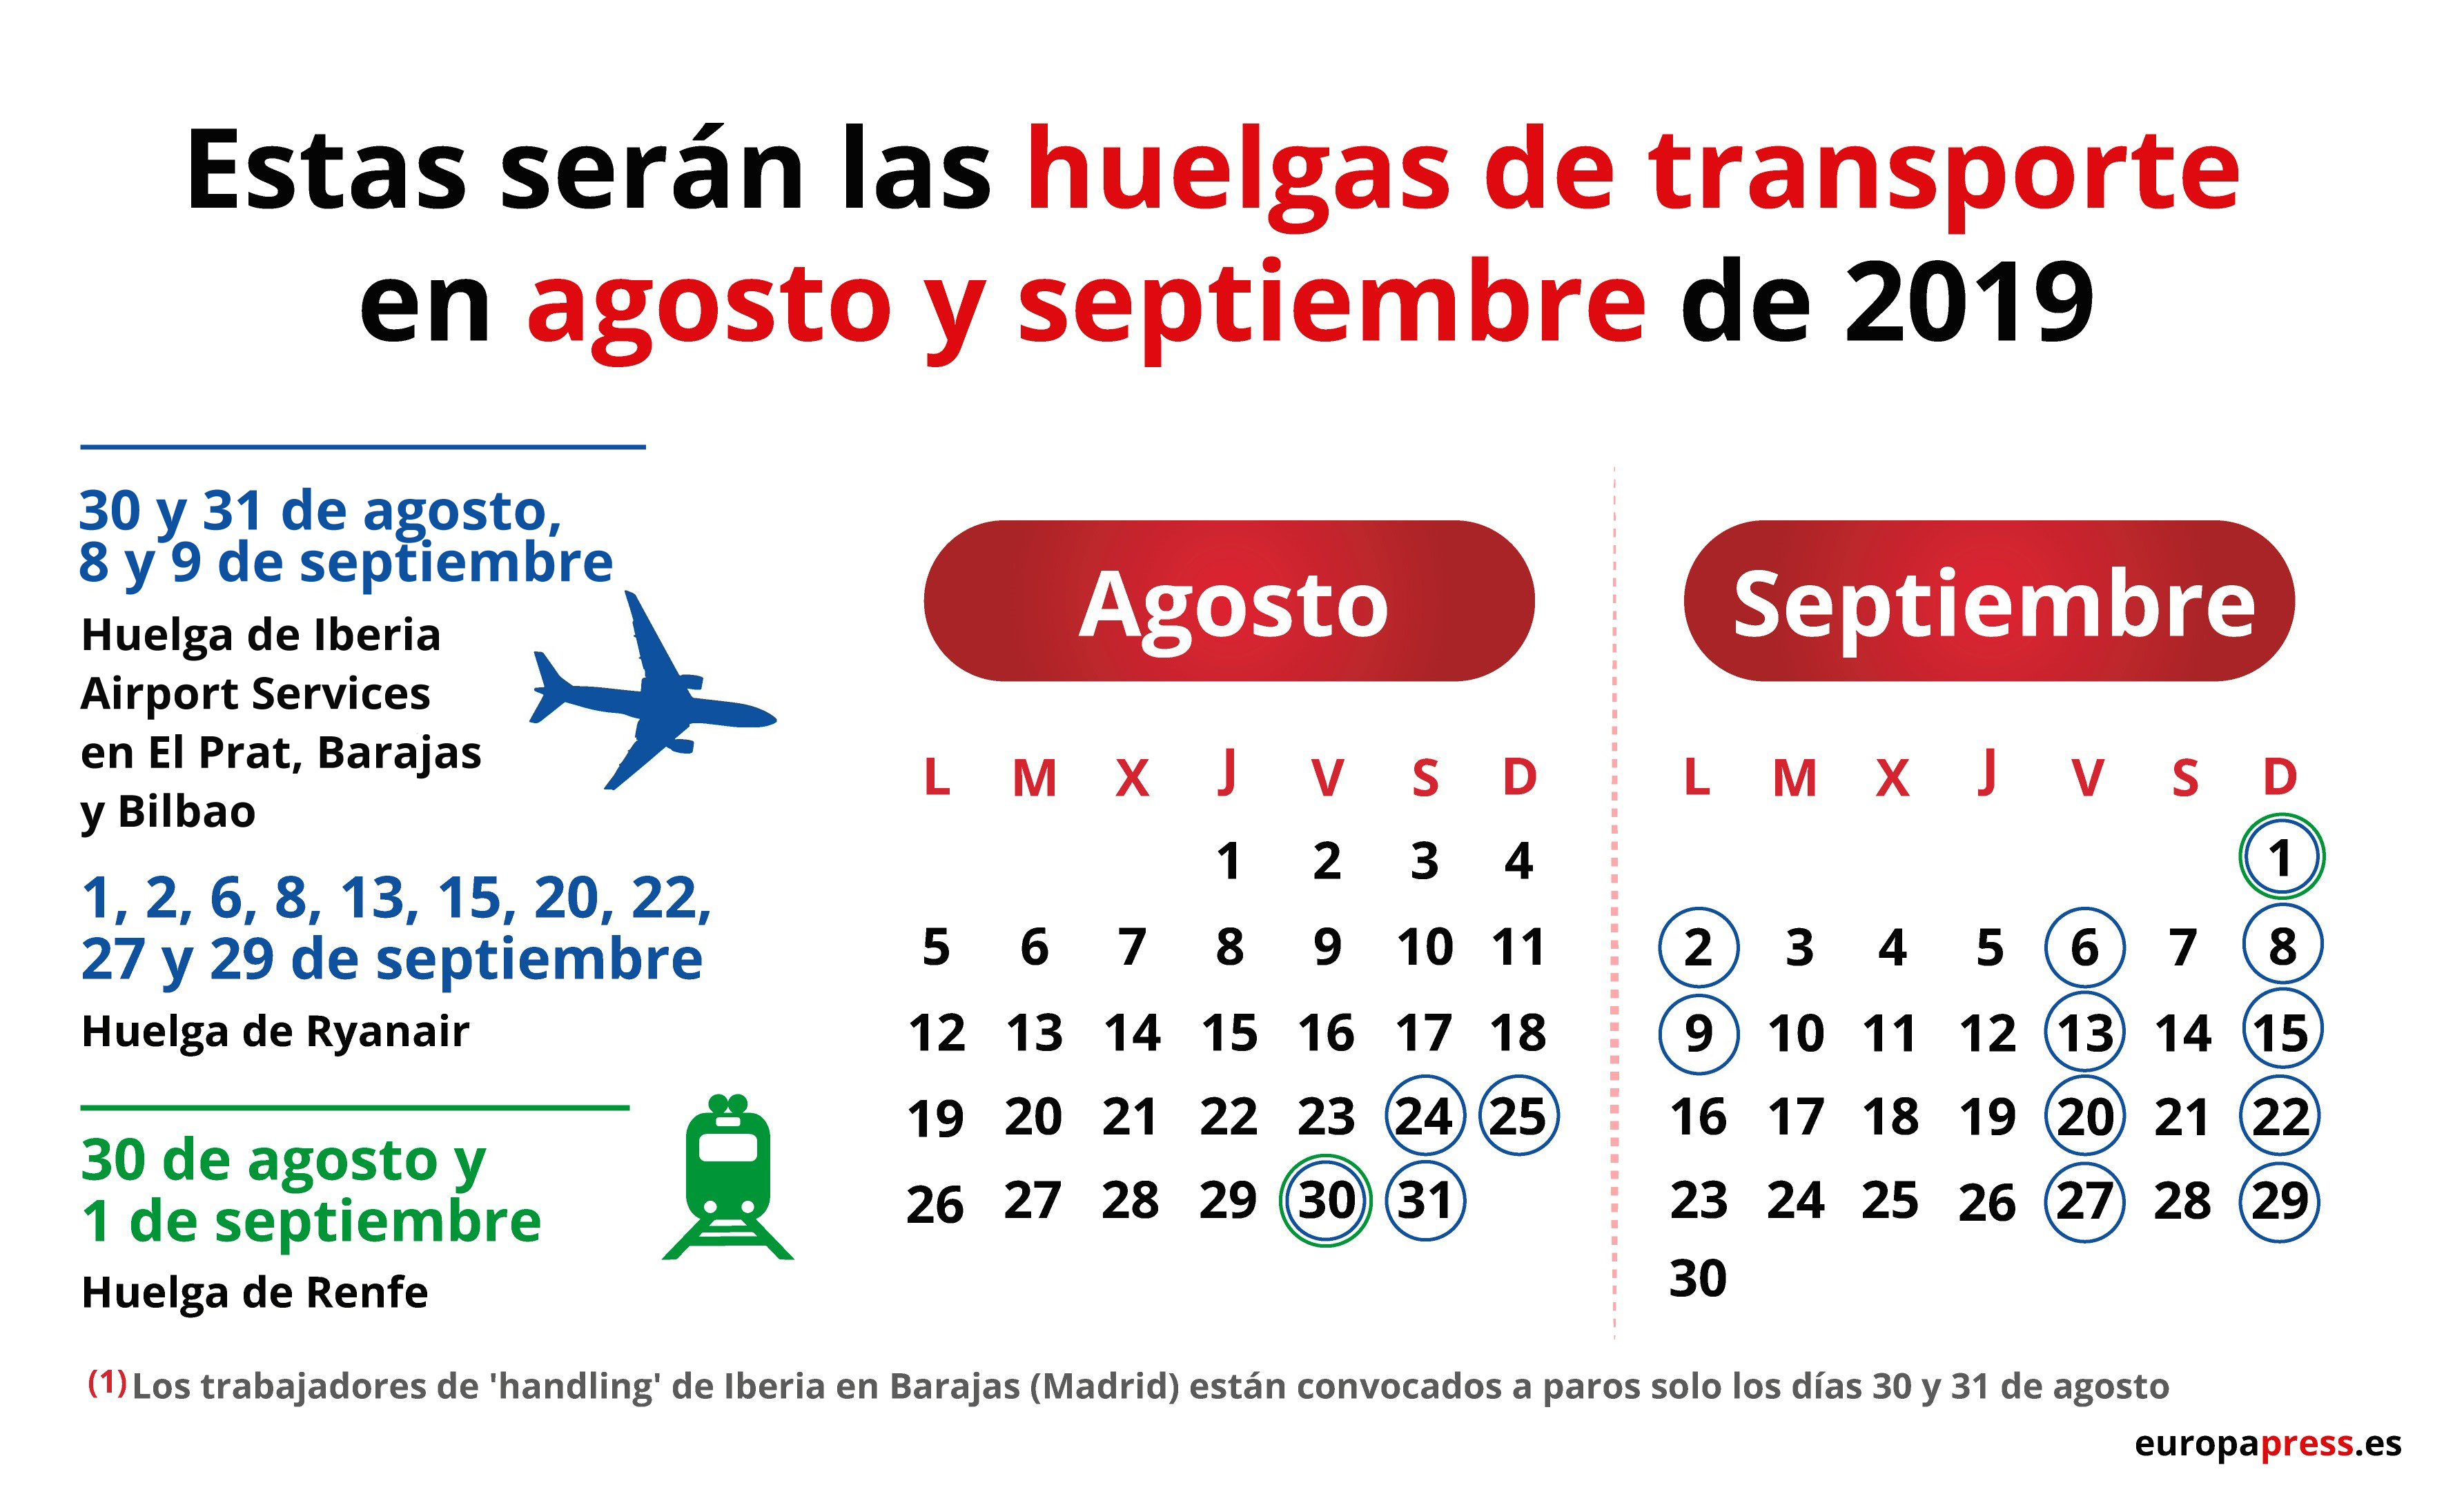 Calendario de huelga de transporte para finales de agosto y septiembre de 2019